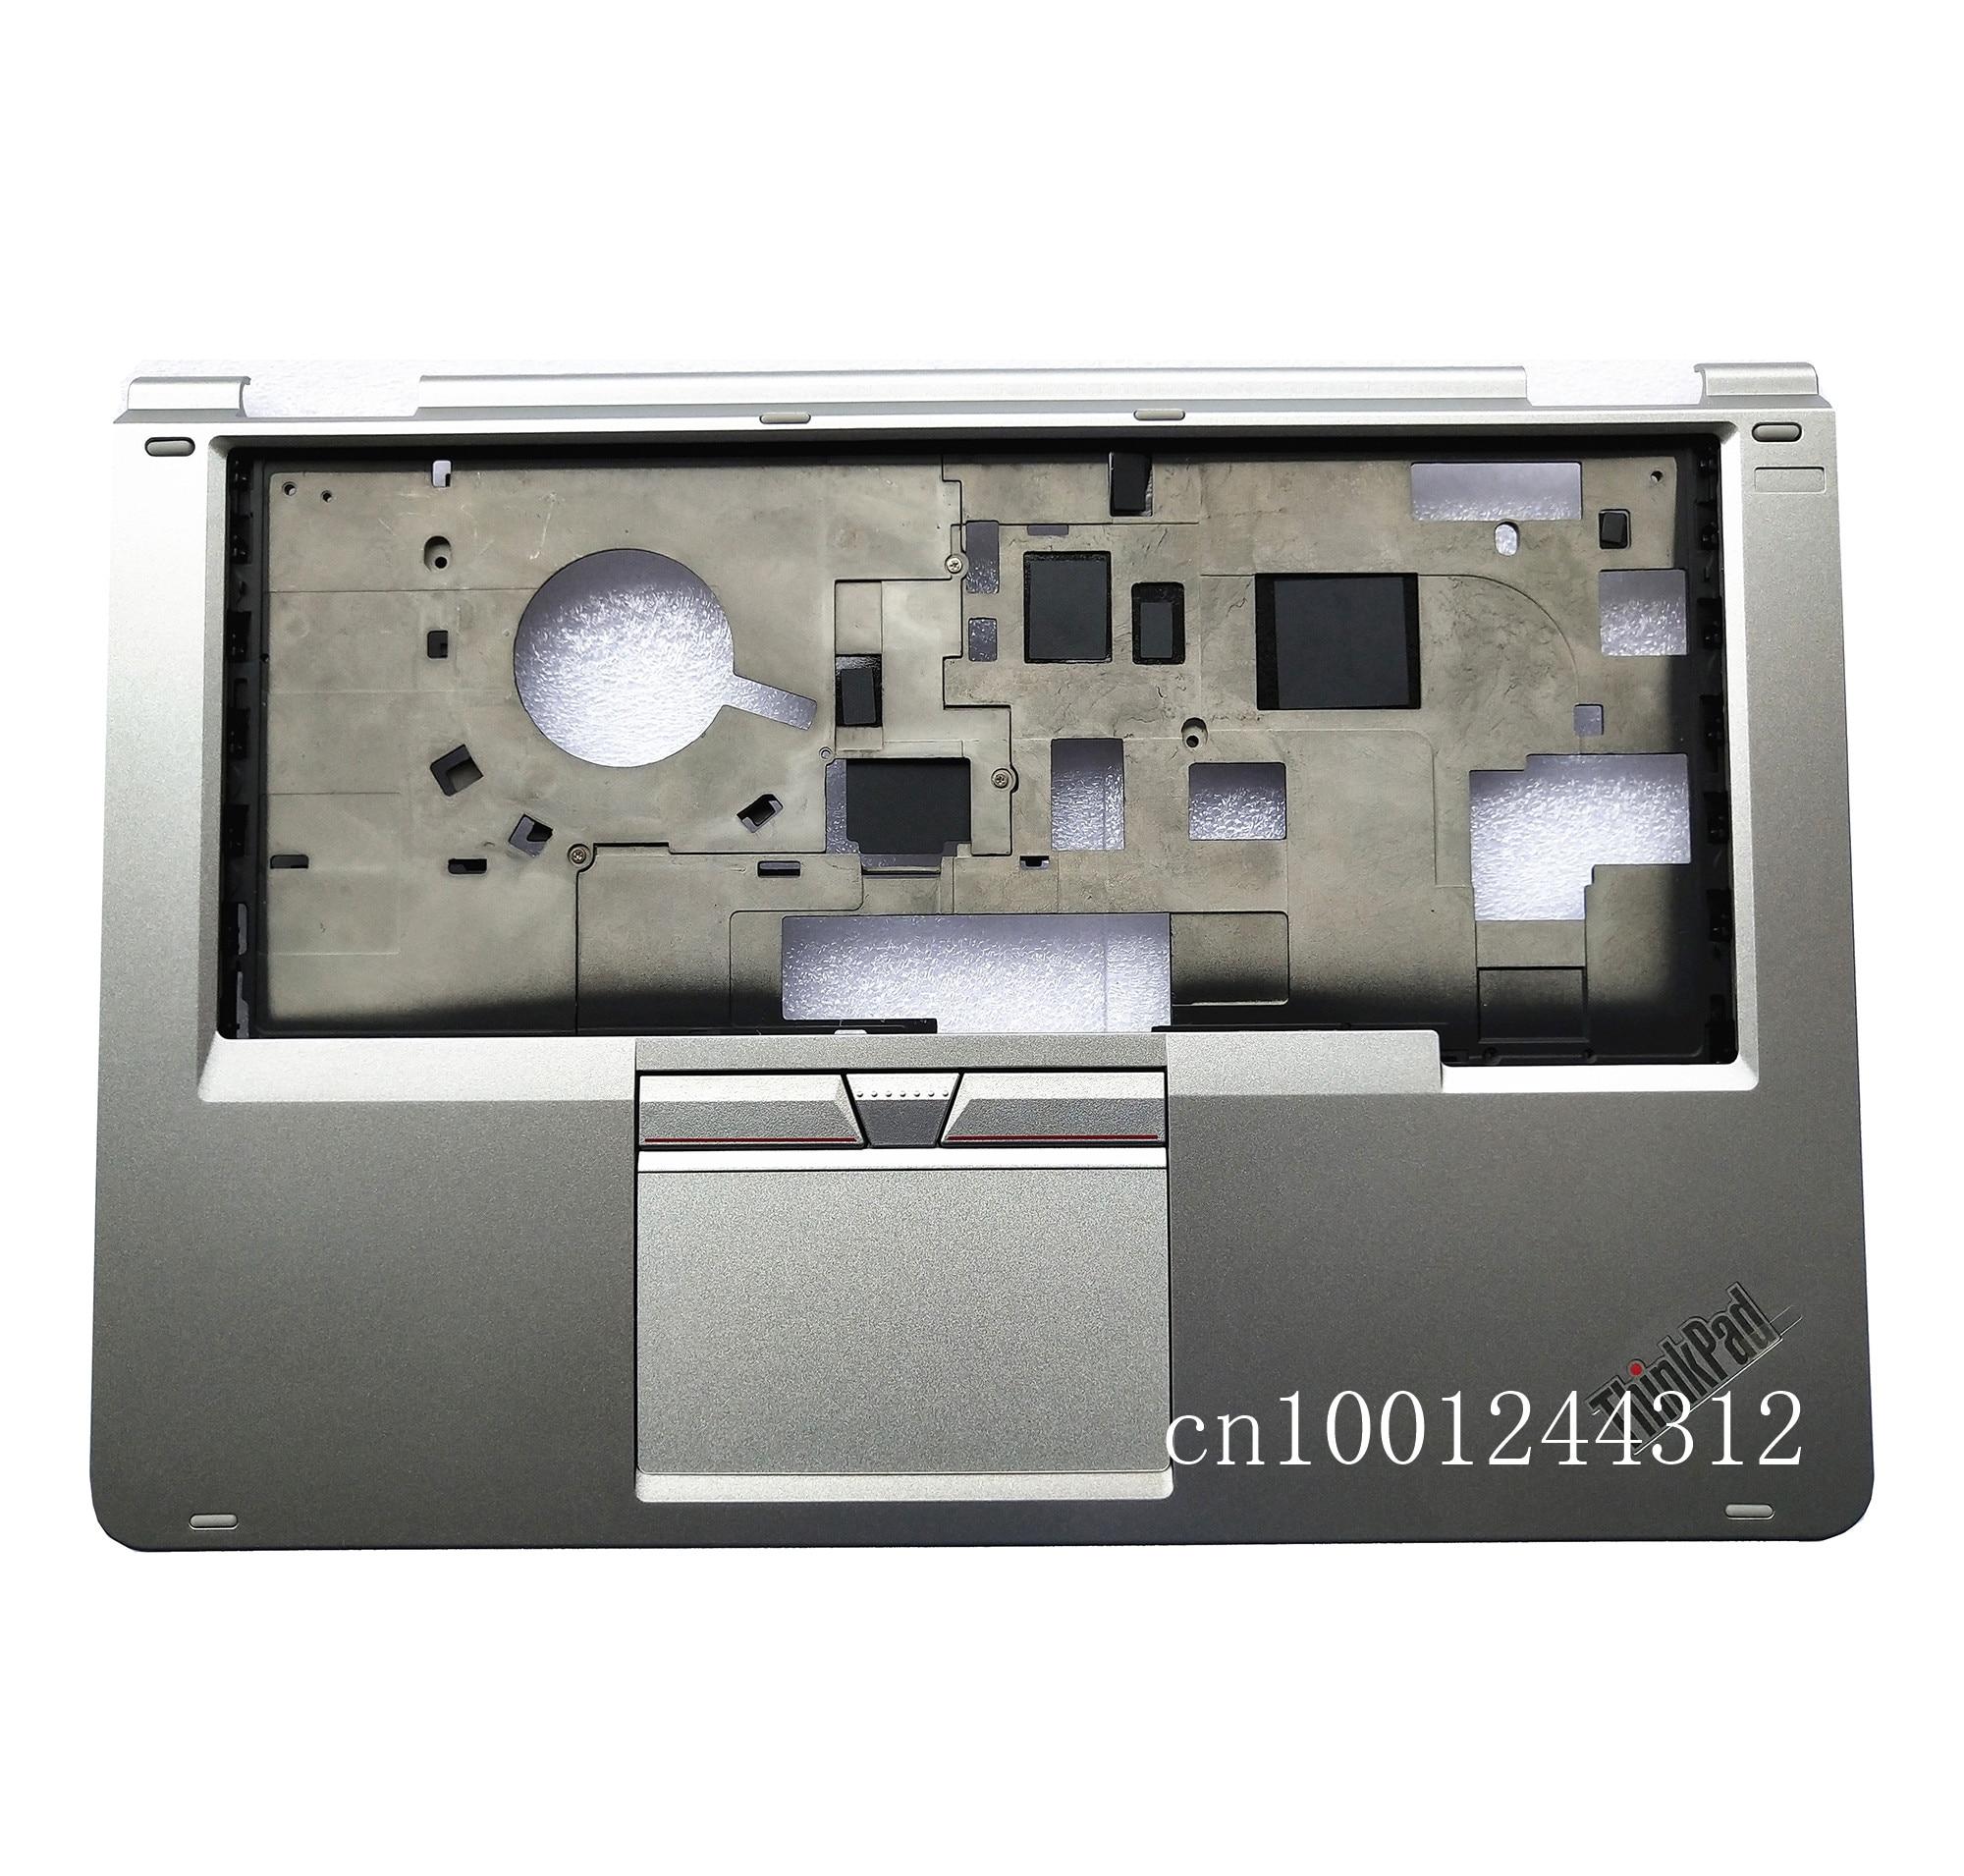 أصلي جديد لجهاز Lenovo ThinkPad S3 Yoga 14 نوع 20DM 20DN مسند المعصم العلوي للوحة المفاتيح الغطاء الفضي 00HT615